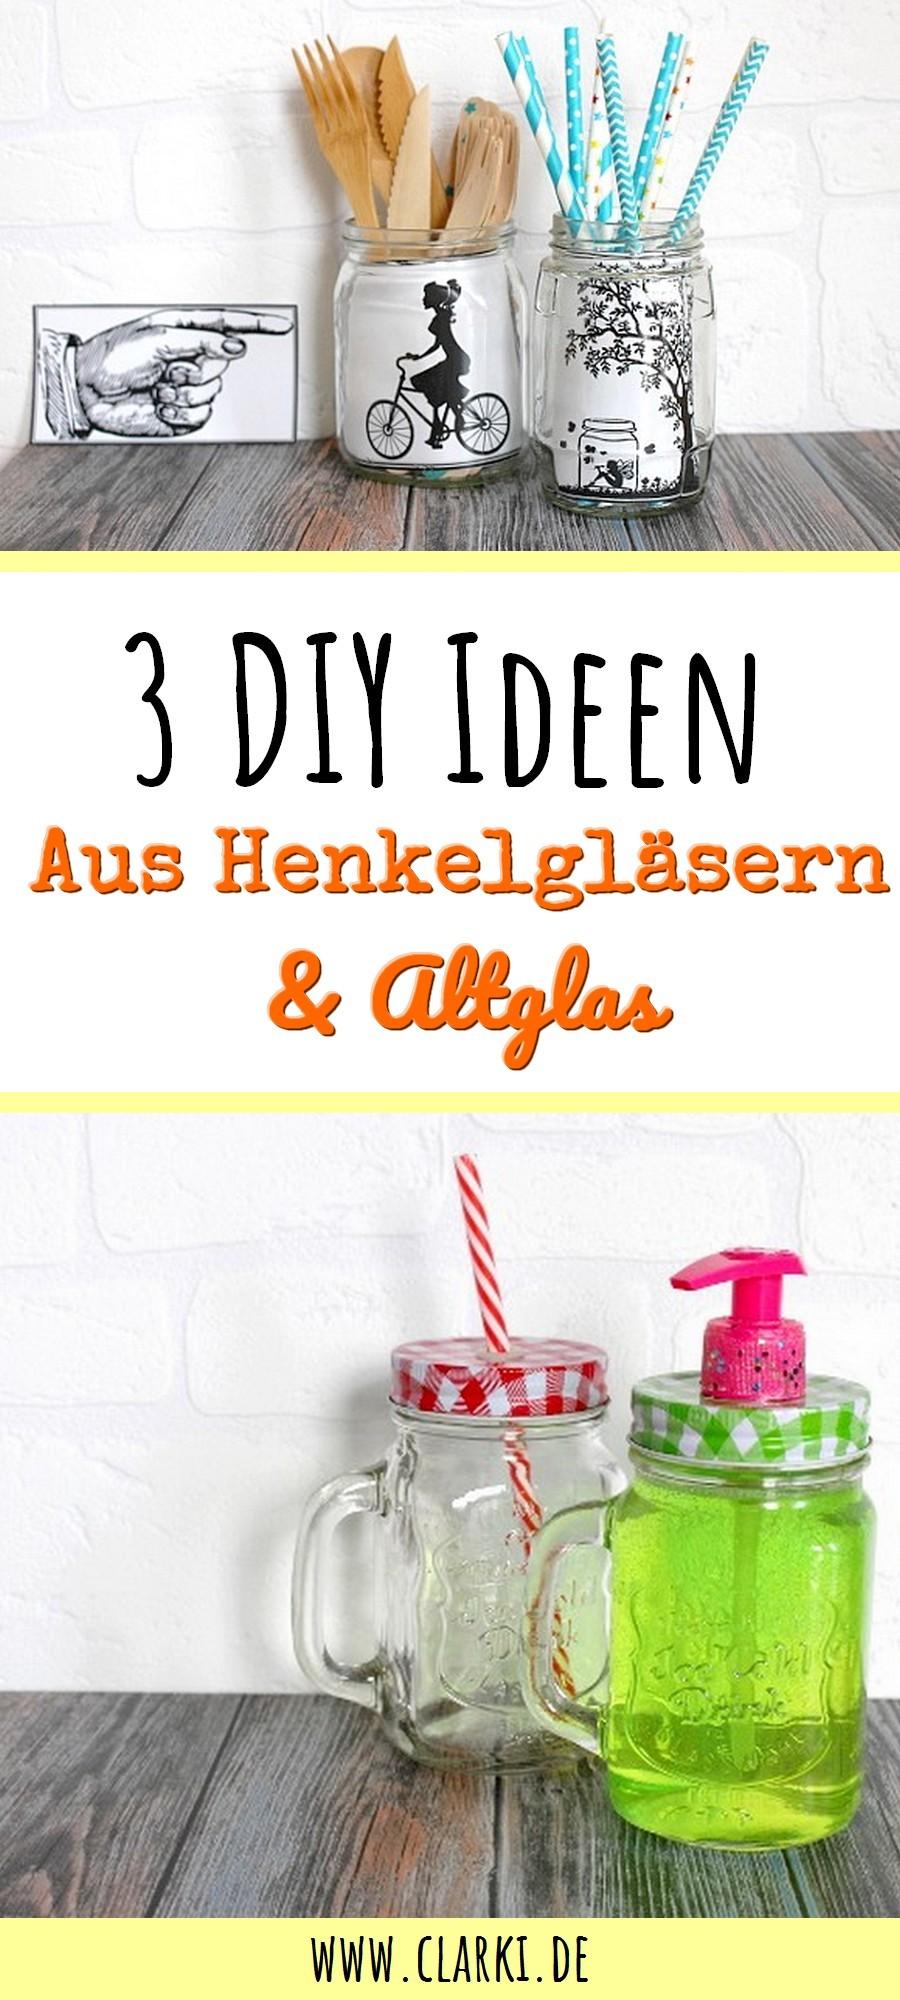 3 geniale diy ideen mit alten marmeladengl sern und. Black Bedroom Furniture Sets. Home Design Ideas